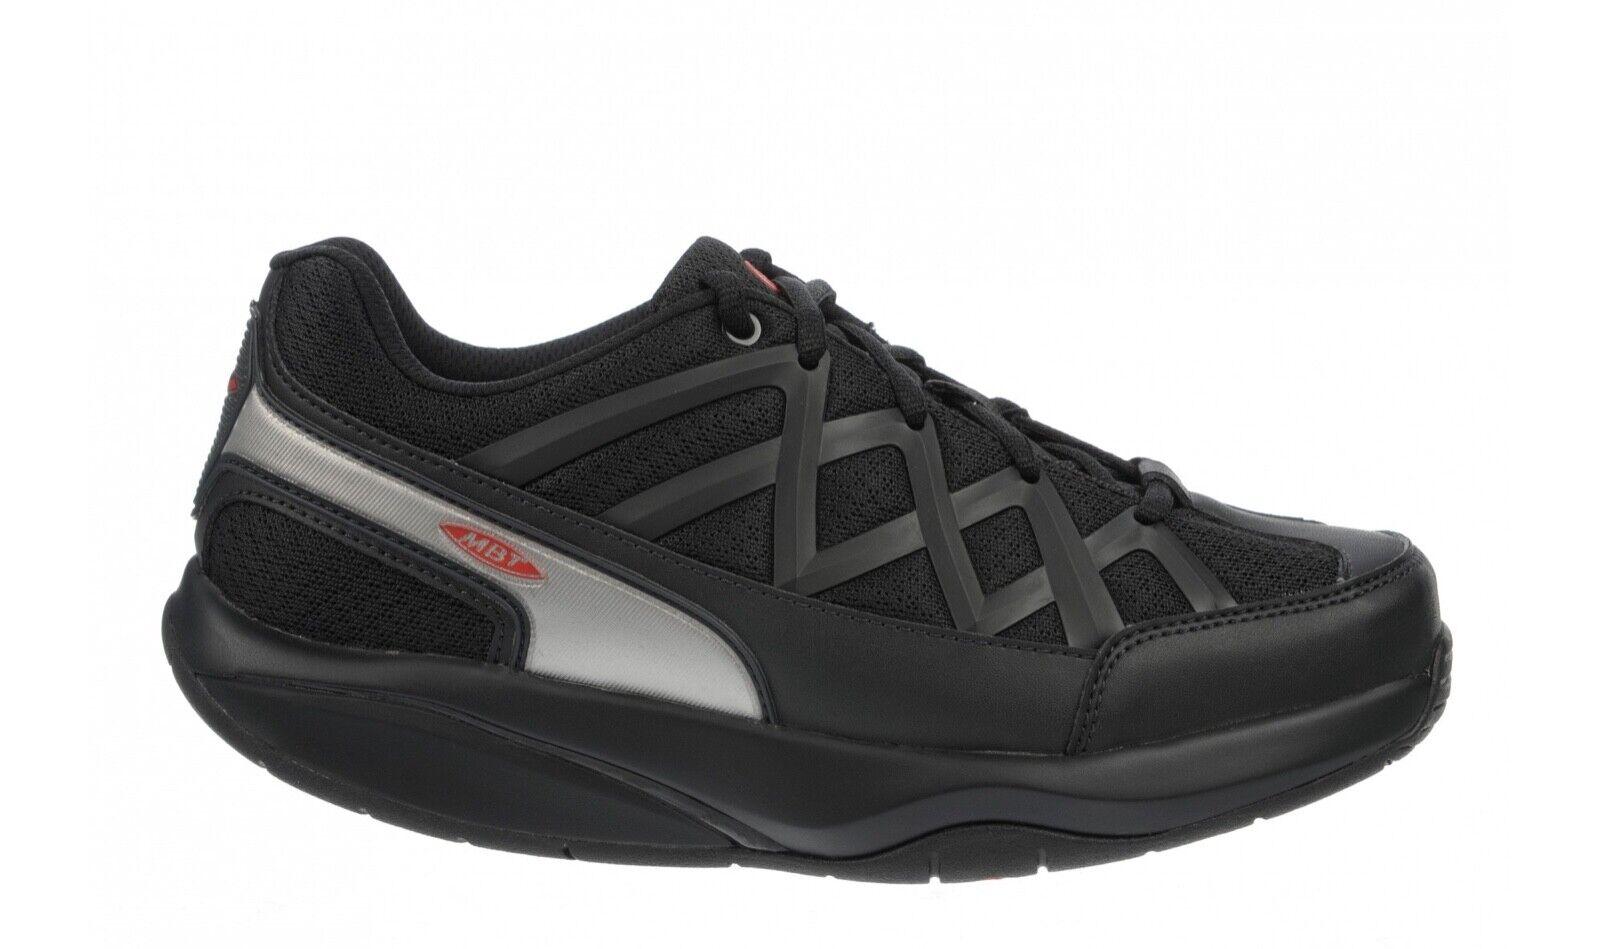 MBT Sport 3, 3X Women's Fitness Walking Shoe